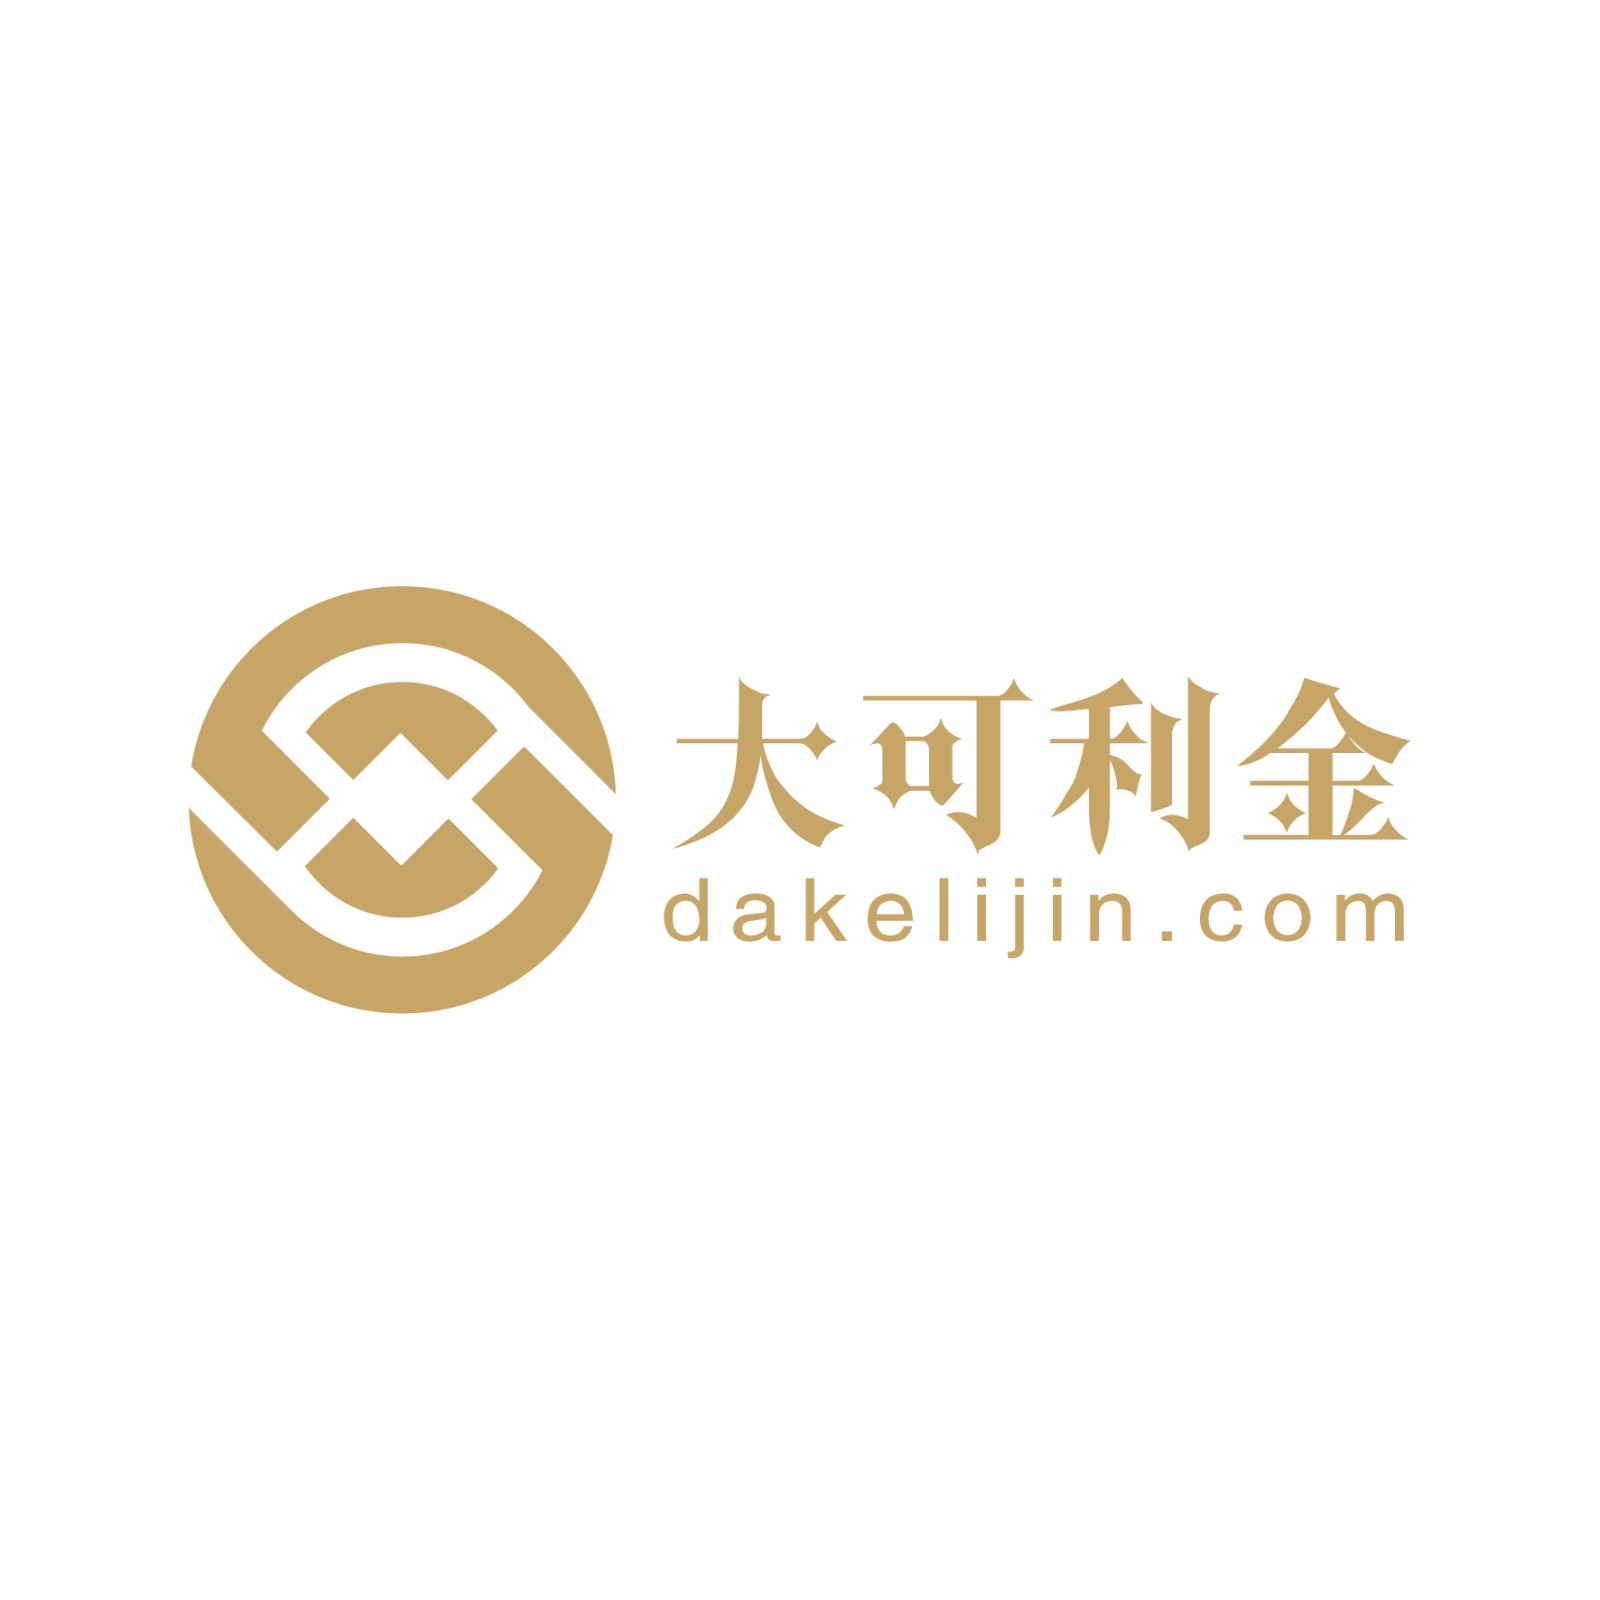 新浪上海 logo矢量图